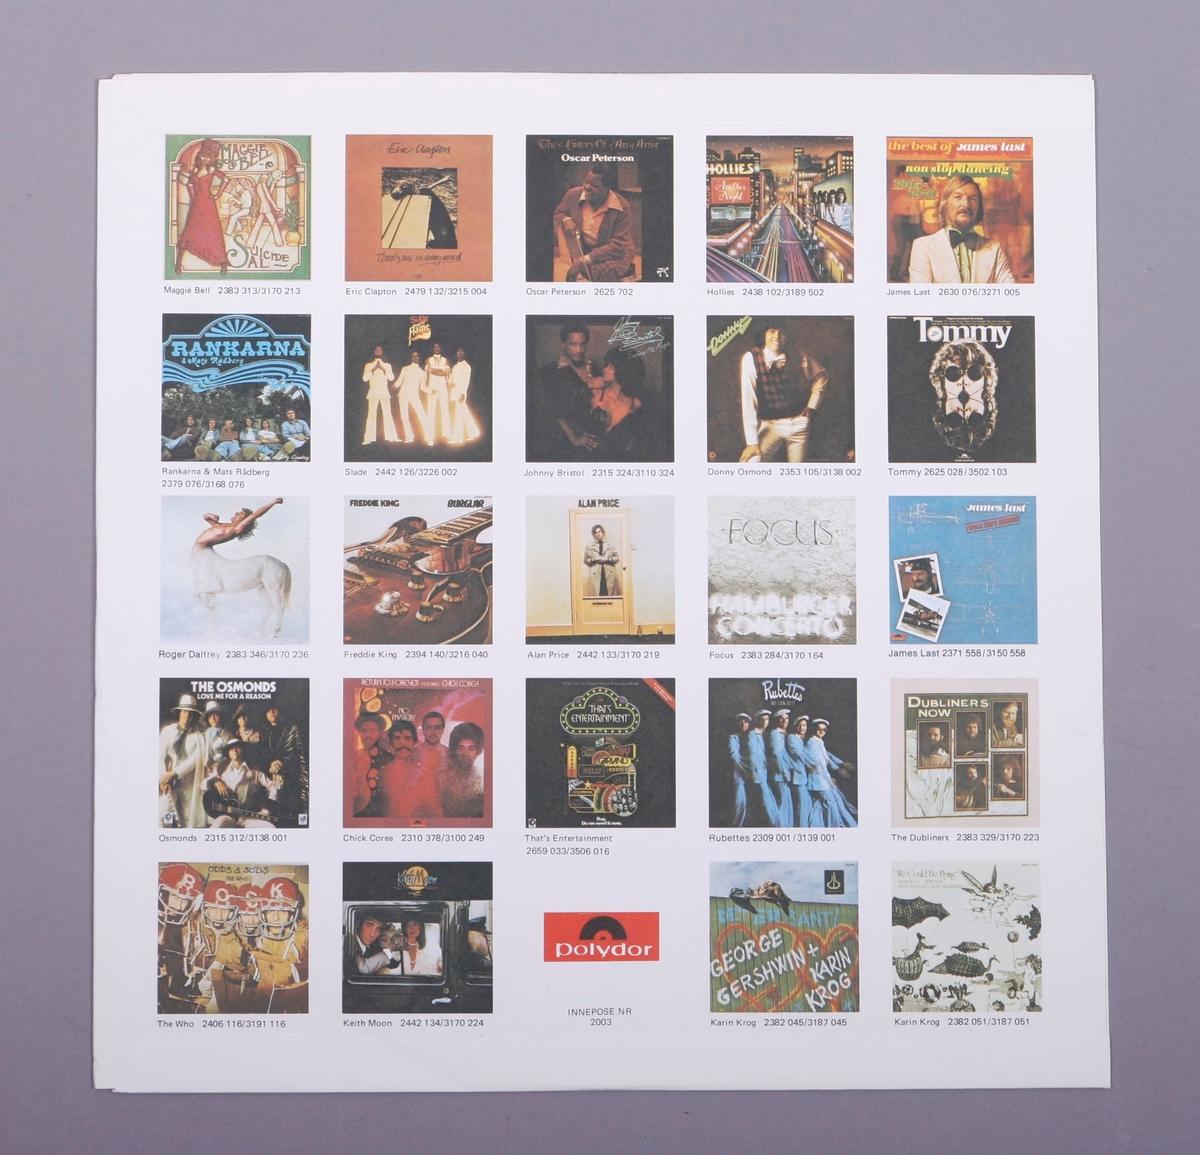 Grammofonplate i svart vinyl og plateomslag i papp. Plata ligger i en papirlomme som har bilder av andre utgivelser.